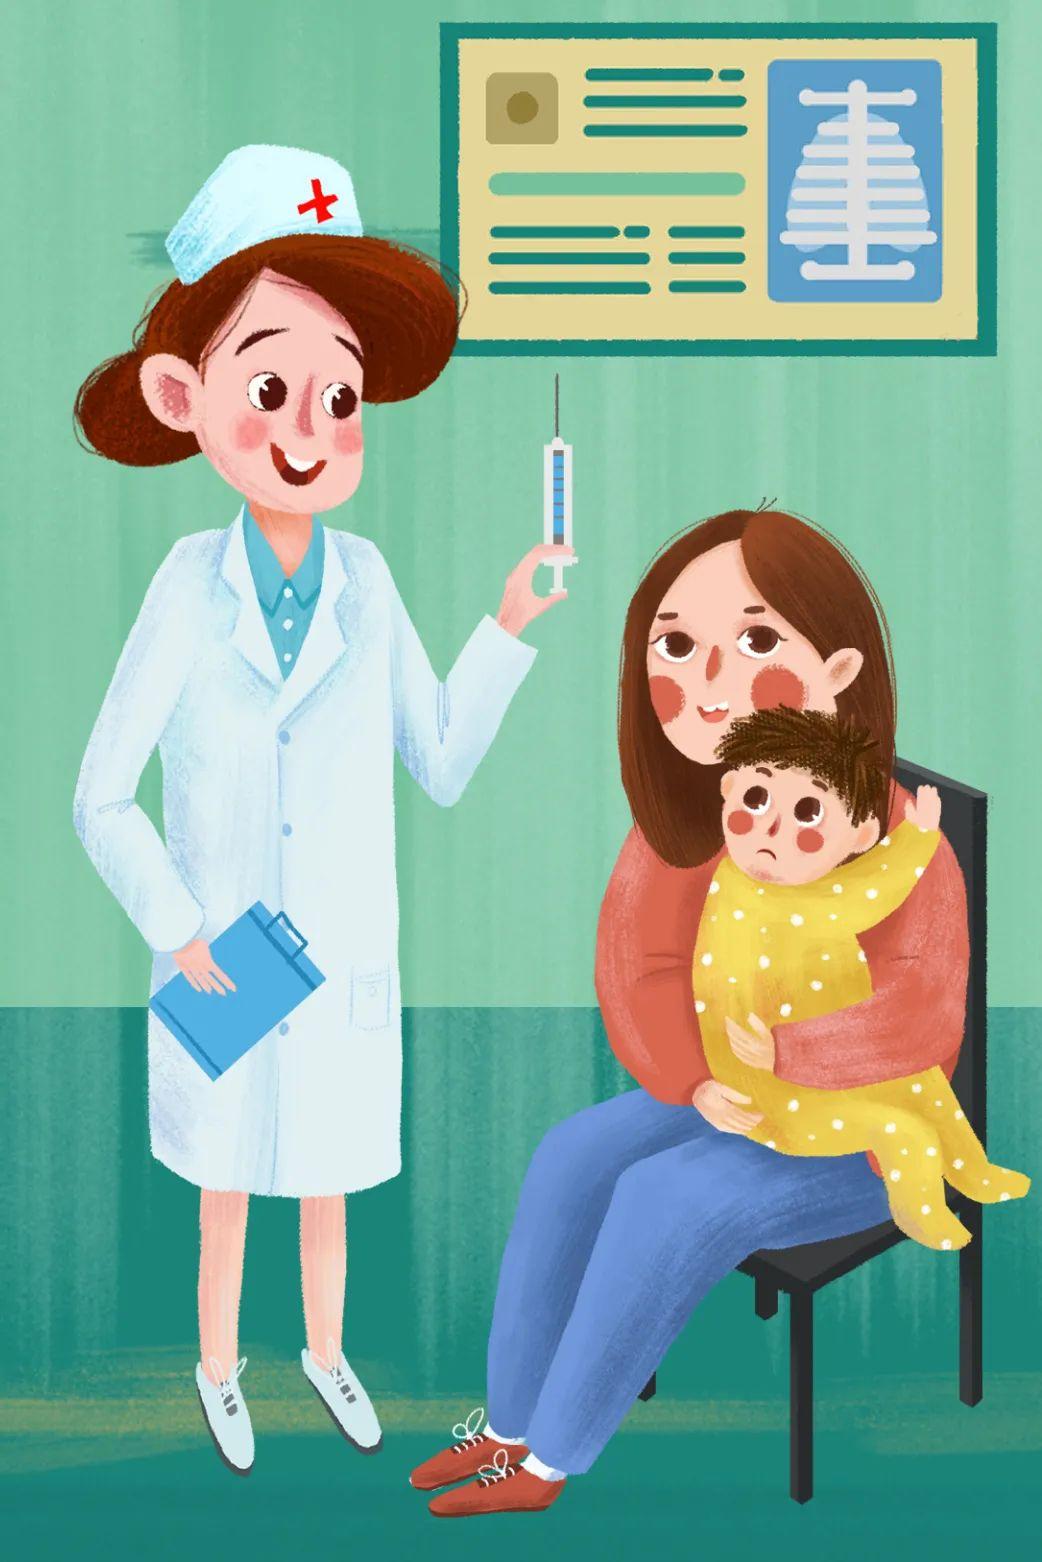 特殊儿童怎么接种疫苗?